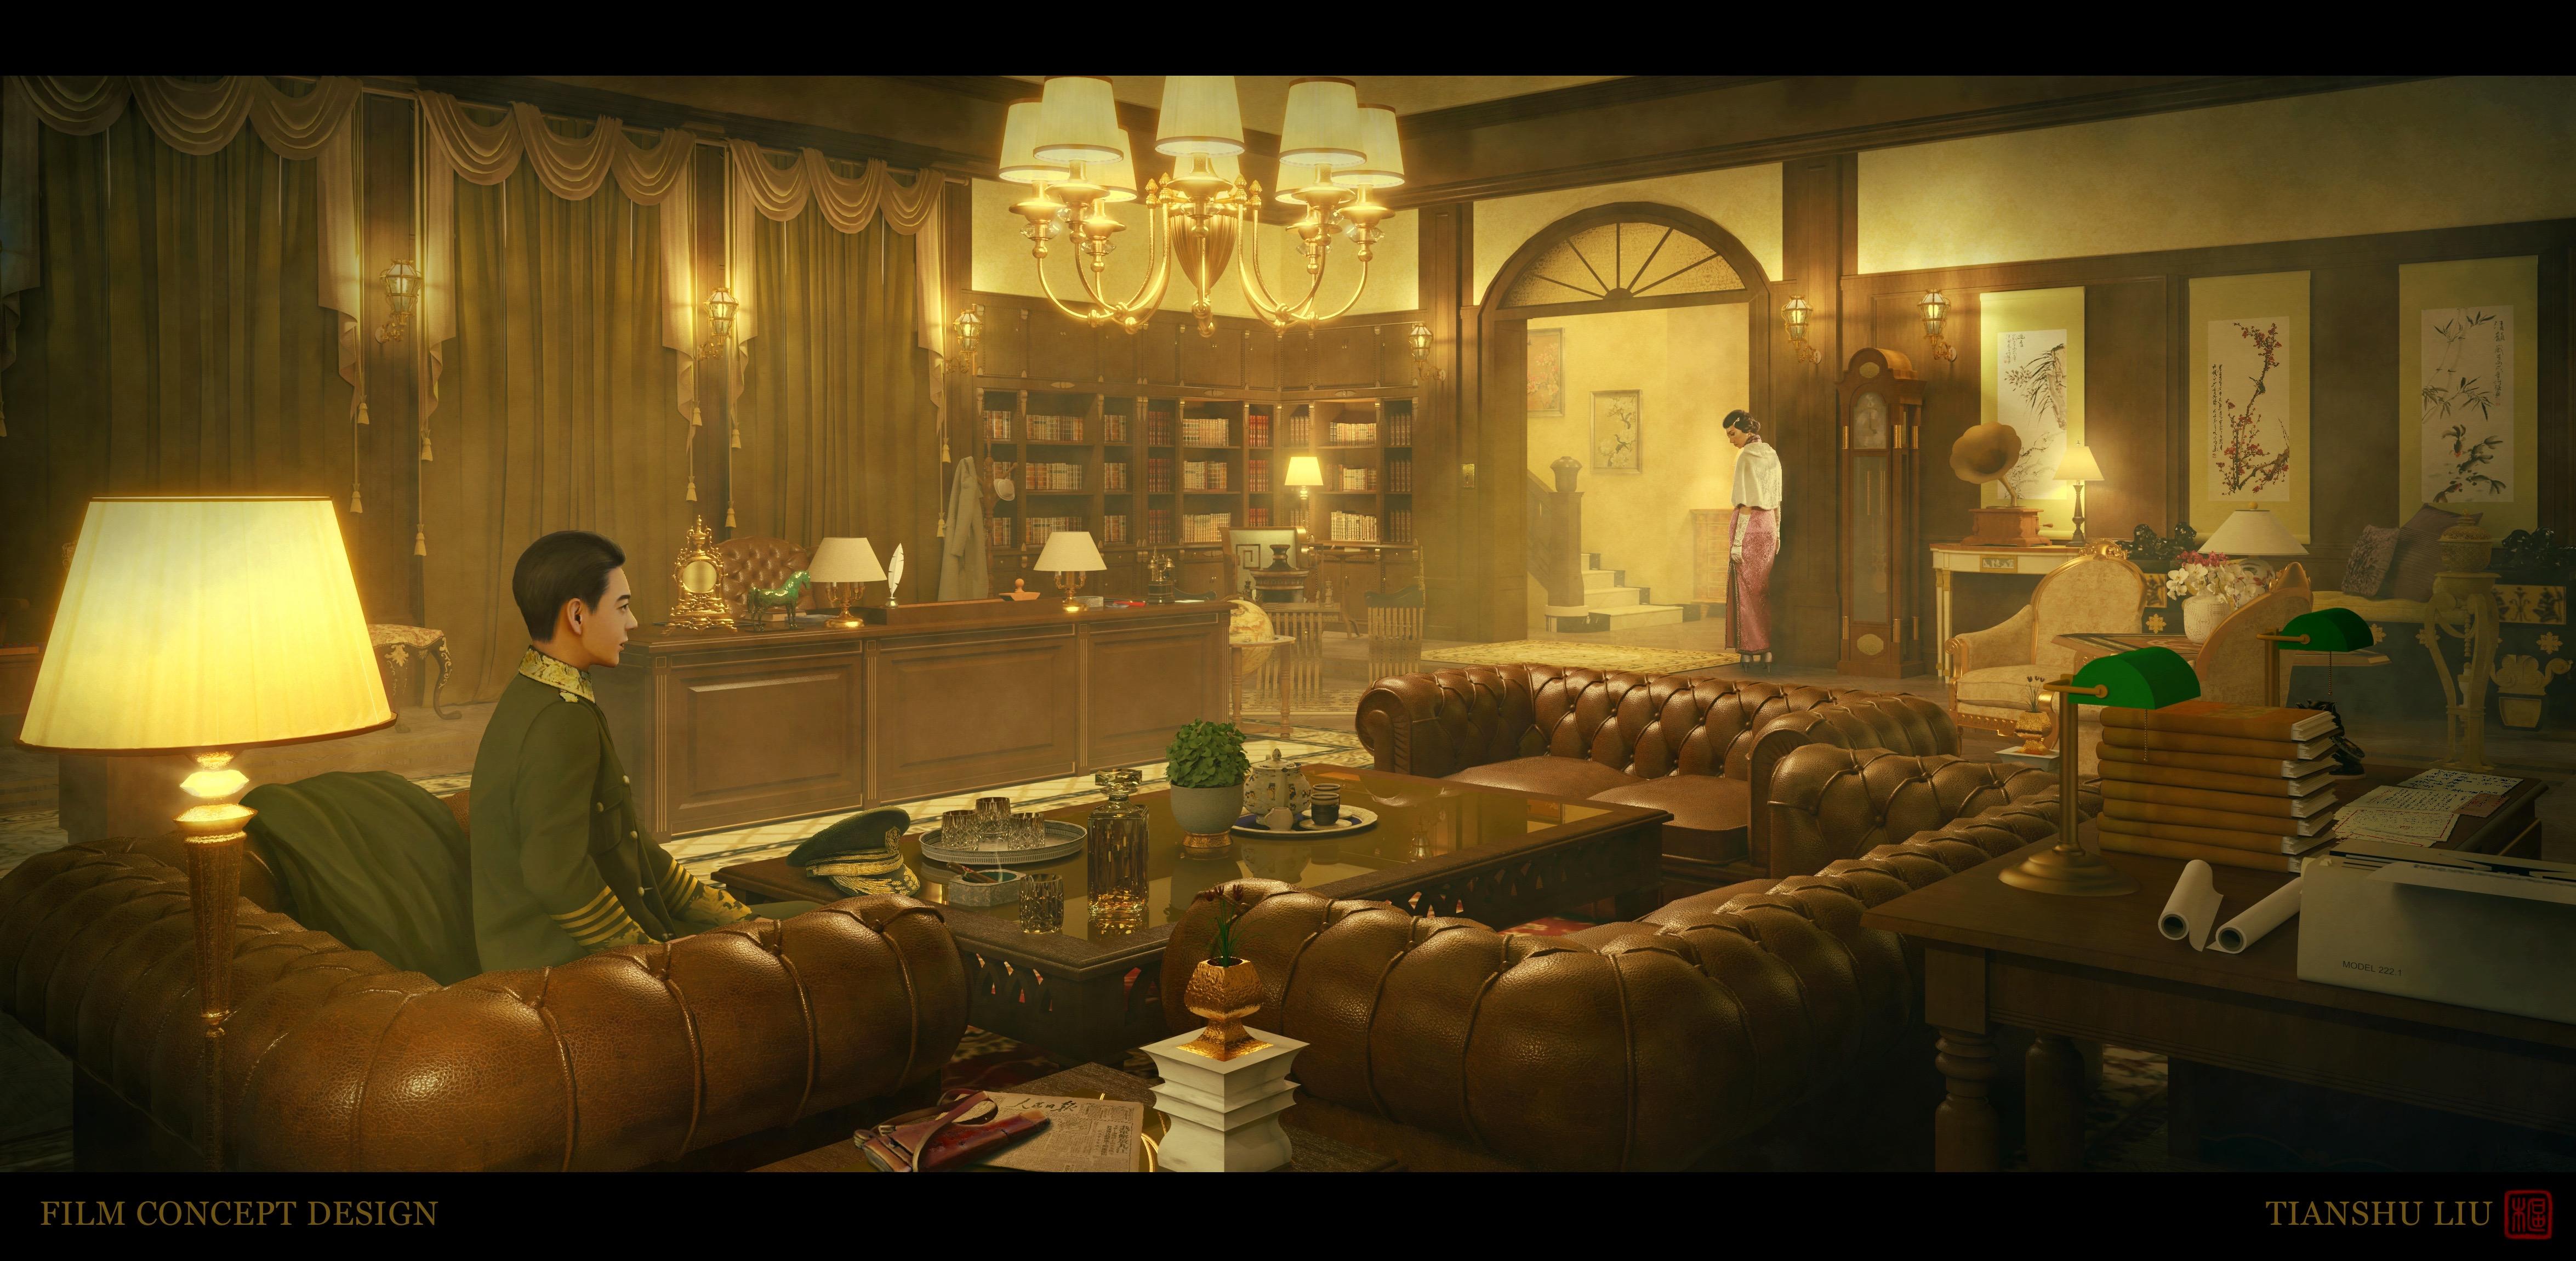 Minguo (Old Shanghai) Film Concept Design 2